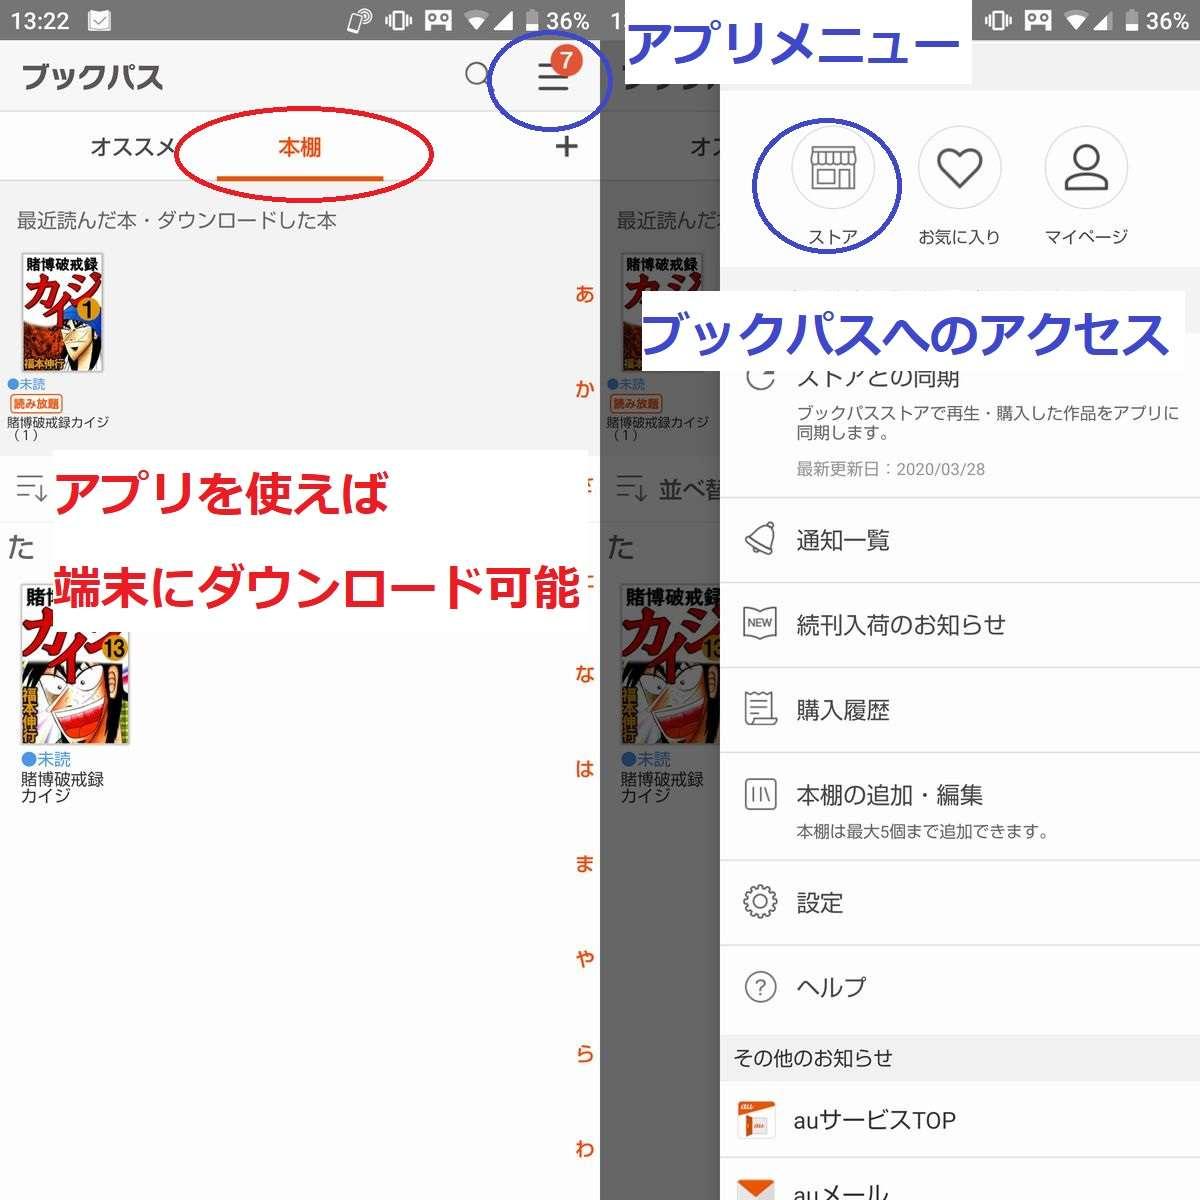 ブックパスアプリの操作方法